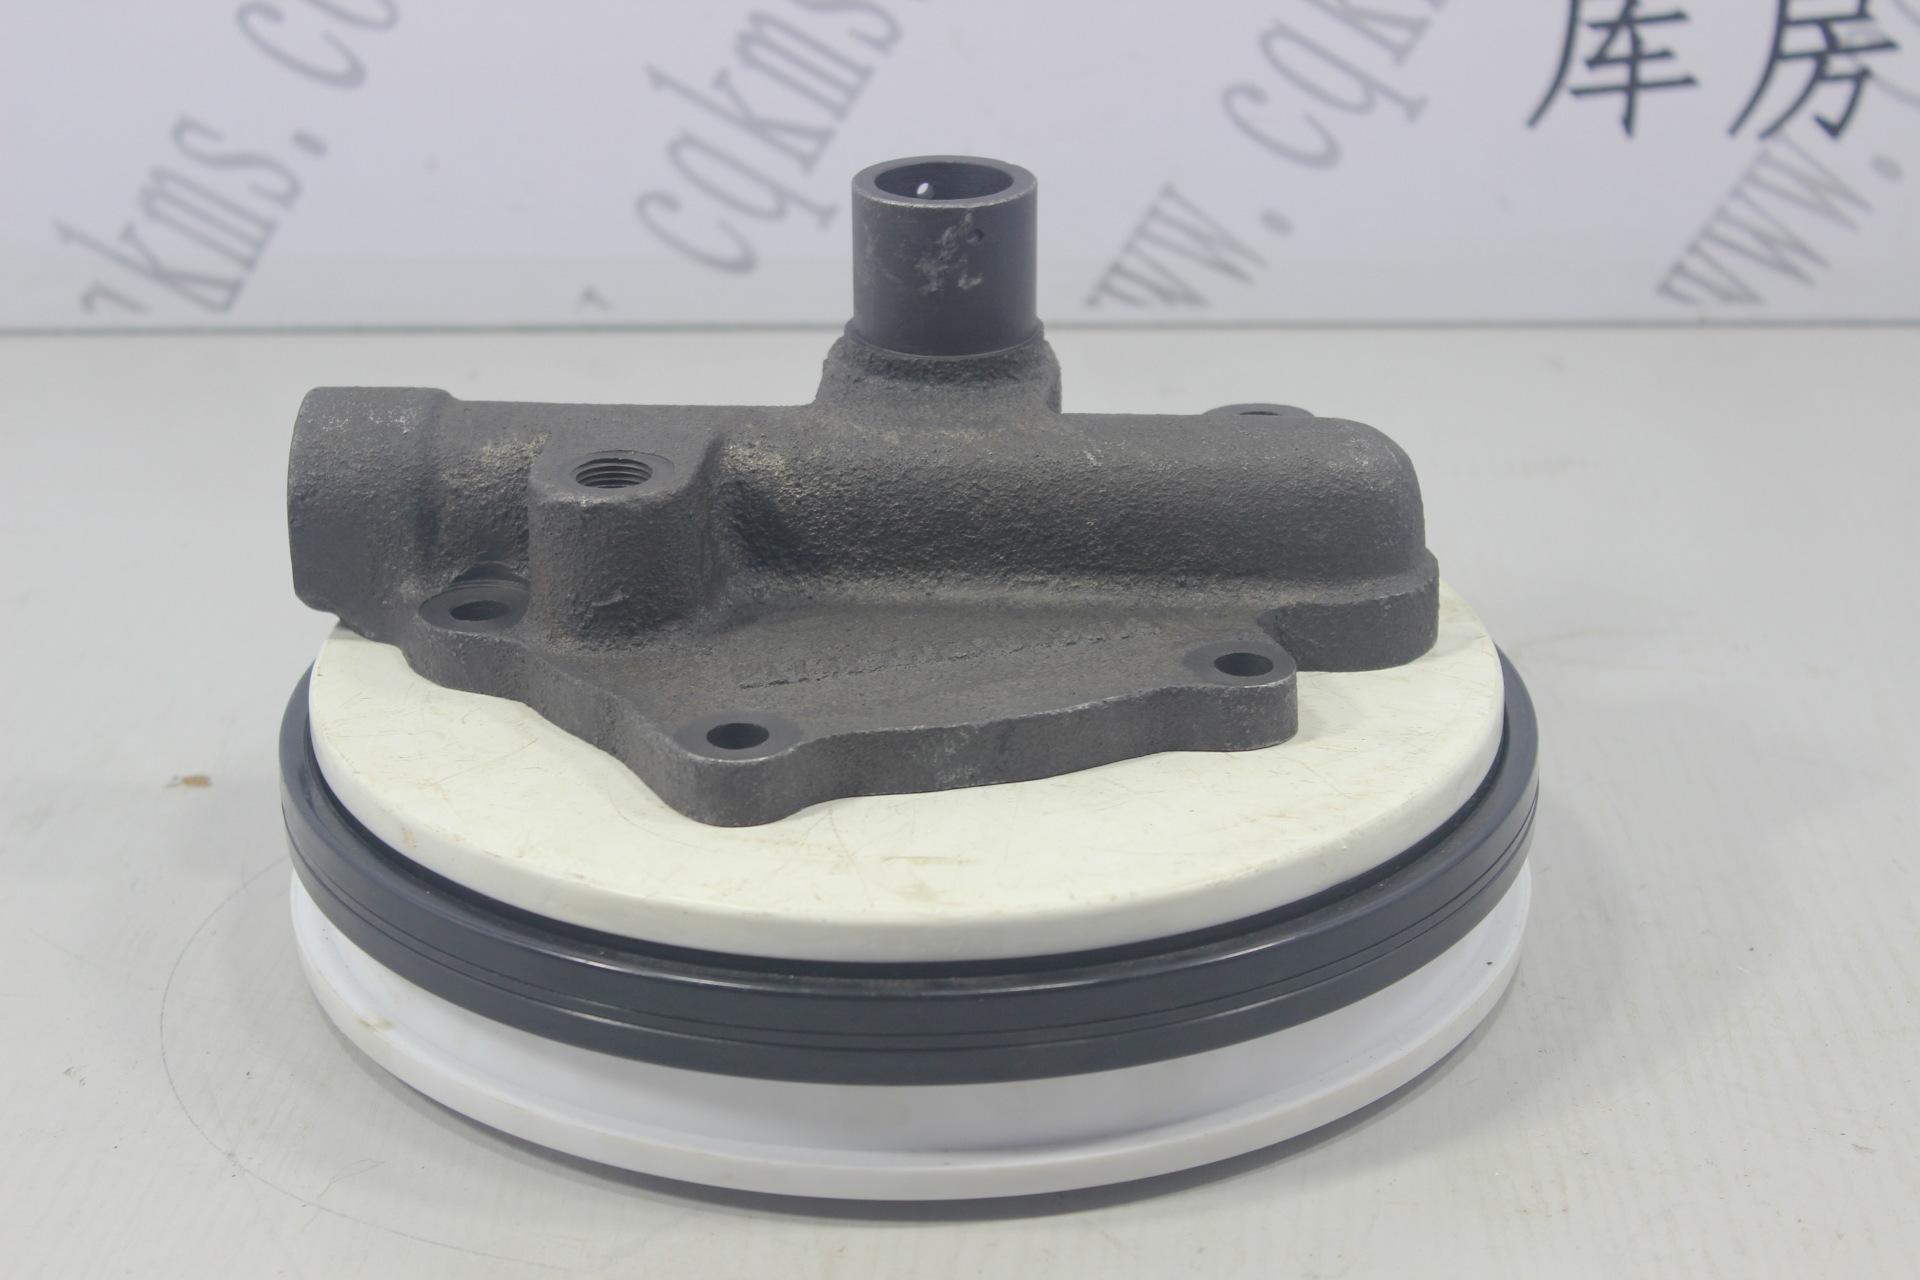 kms02191-217315-机冷器盖---参考规格33*30*8.5CM-参考重量3400-3400图片2